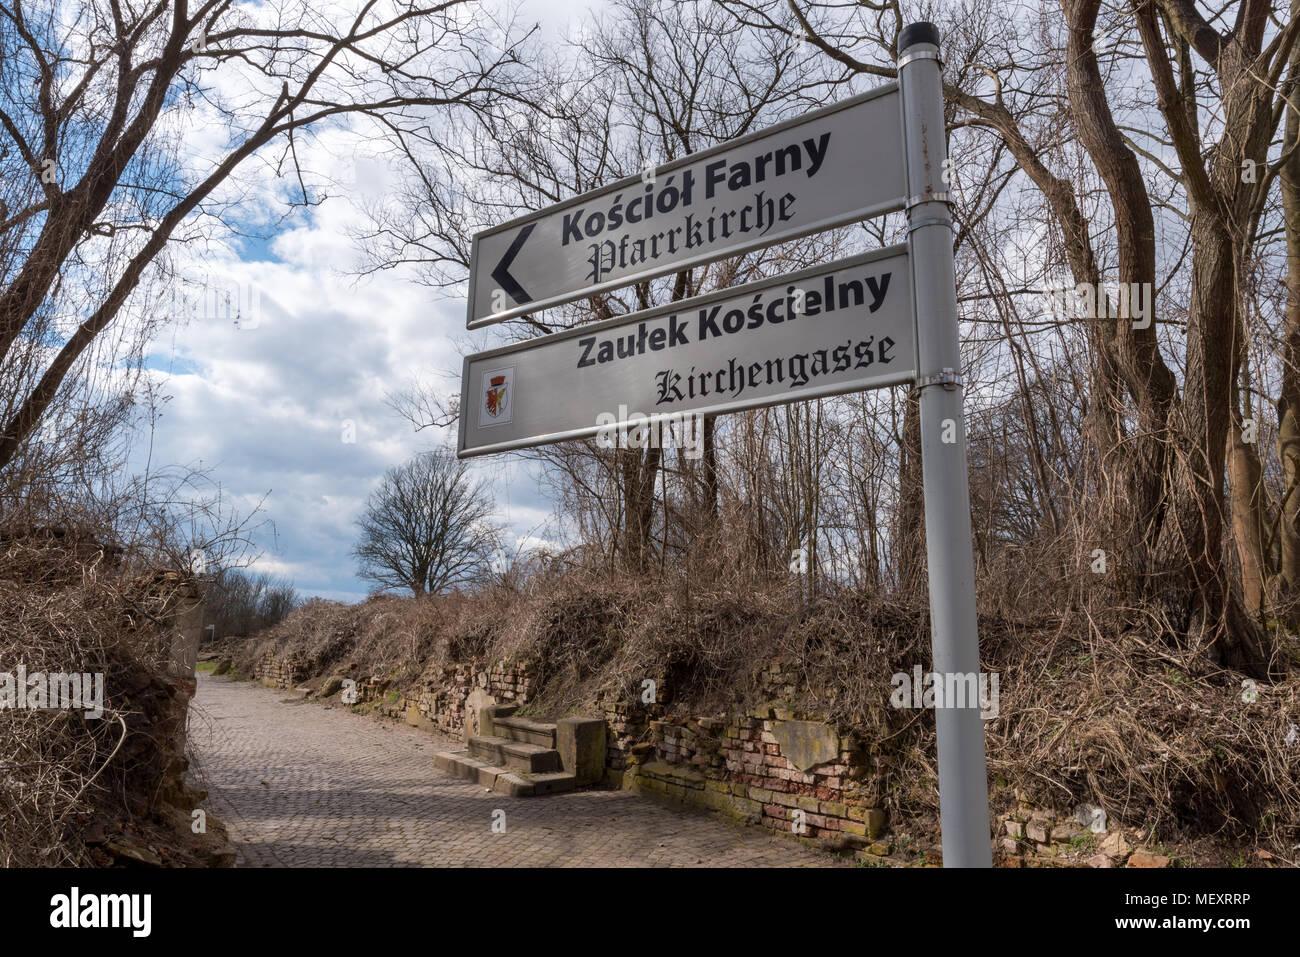 Ciudad Fantasma de Kustrin, ruinas de la desierta ciudad prusiana destruida por los soviéticos en la segunda guerra mundial Imagen De Stock